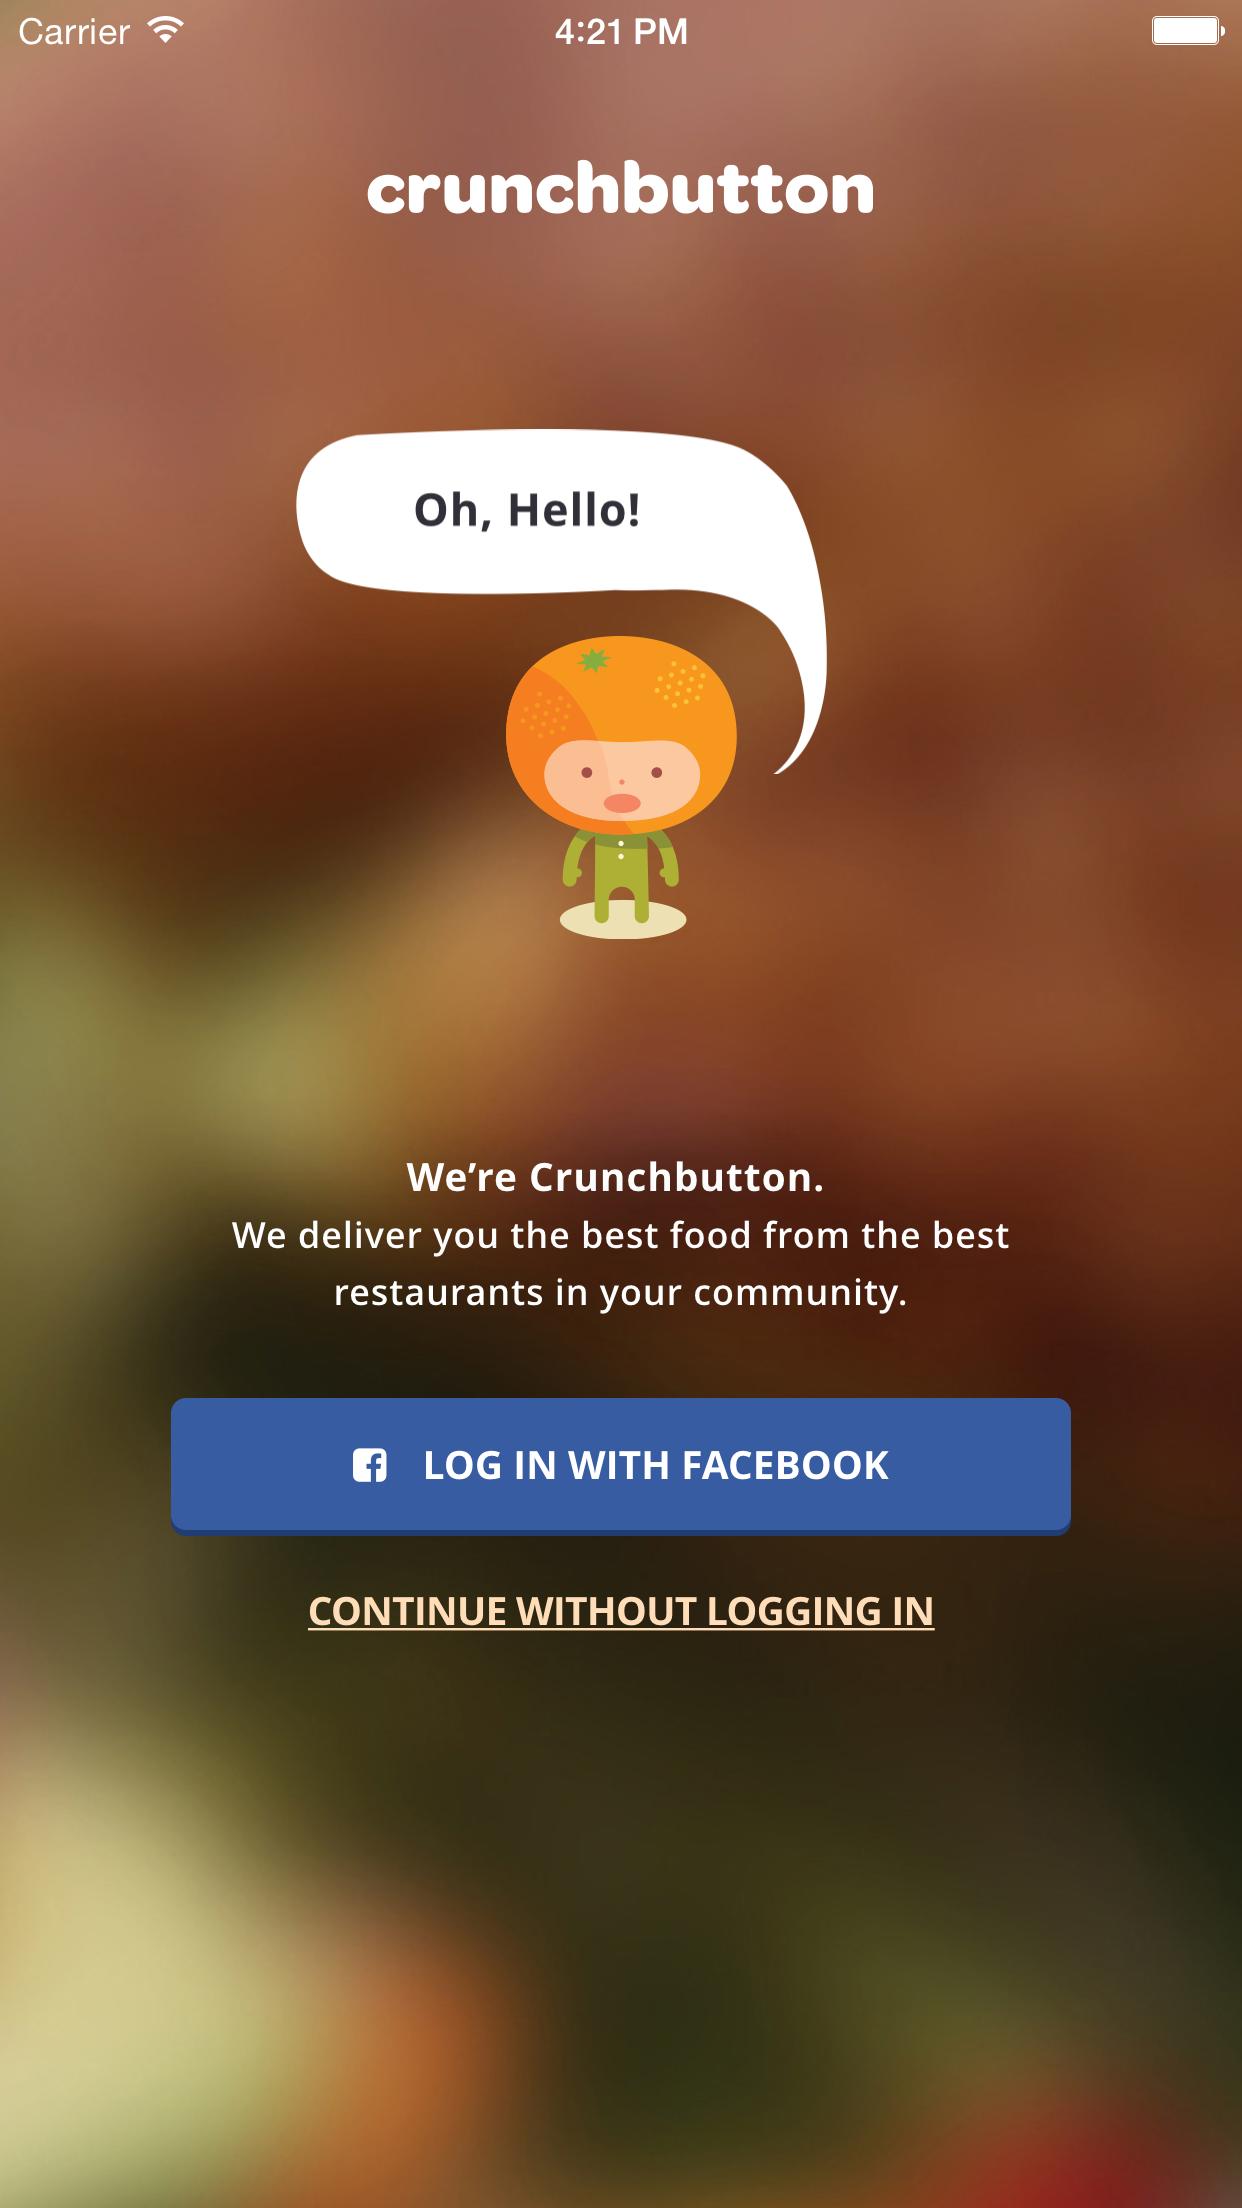 Crunchbutton